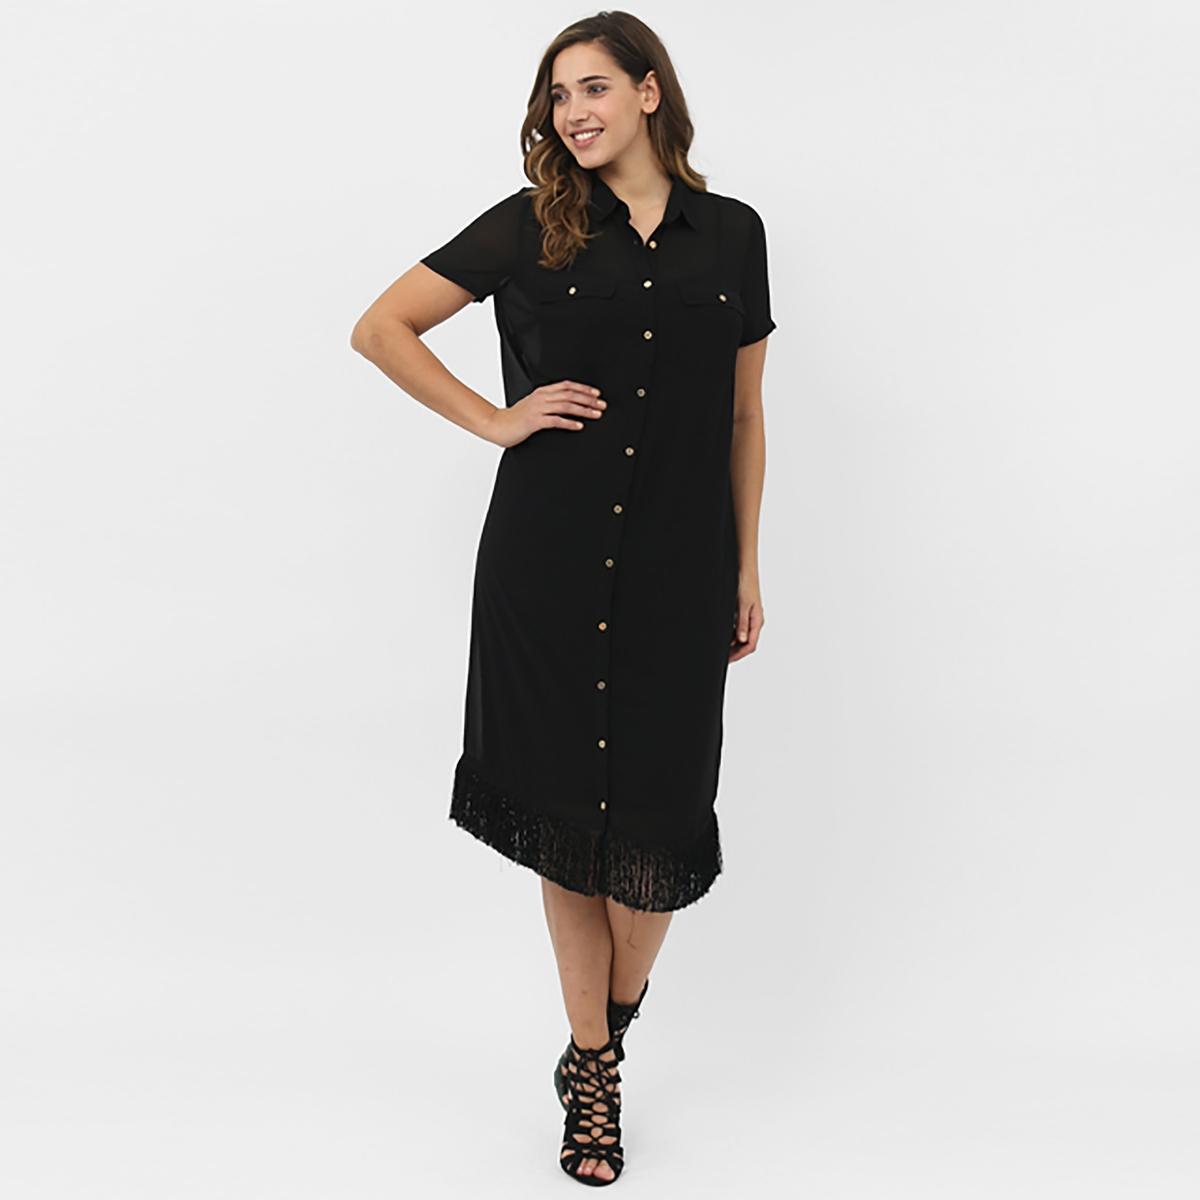 Платье с короткими рукавамиПлатье с короткими рукавами KOKO BY KOKO. Рубашечный воротник. Застёжка на пуговицы по всей длине. 2 кармана. Низ с бахромой. Длина около 101 см. 100% полиэстера<br><br>Цвет: черный<br>Размер: 48 (FR) - 54 (RUS)